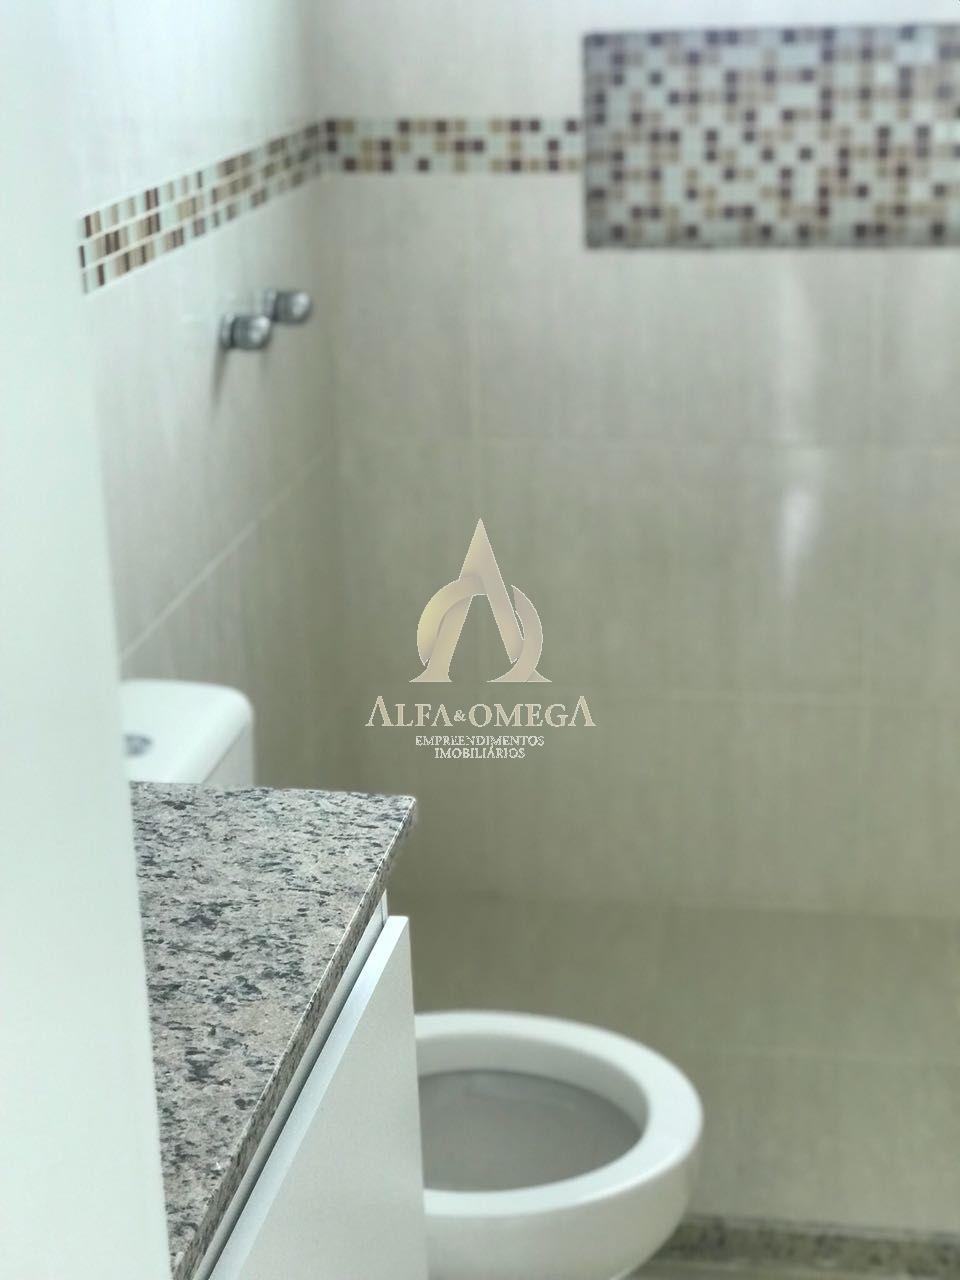 FOTO 9 - Casa 3 quartos à venda Taquara, Rio de Janeiro - R$ 452.000 - AOJ60015 - 9